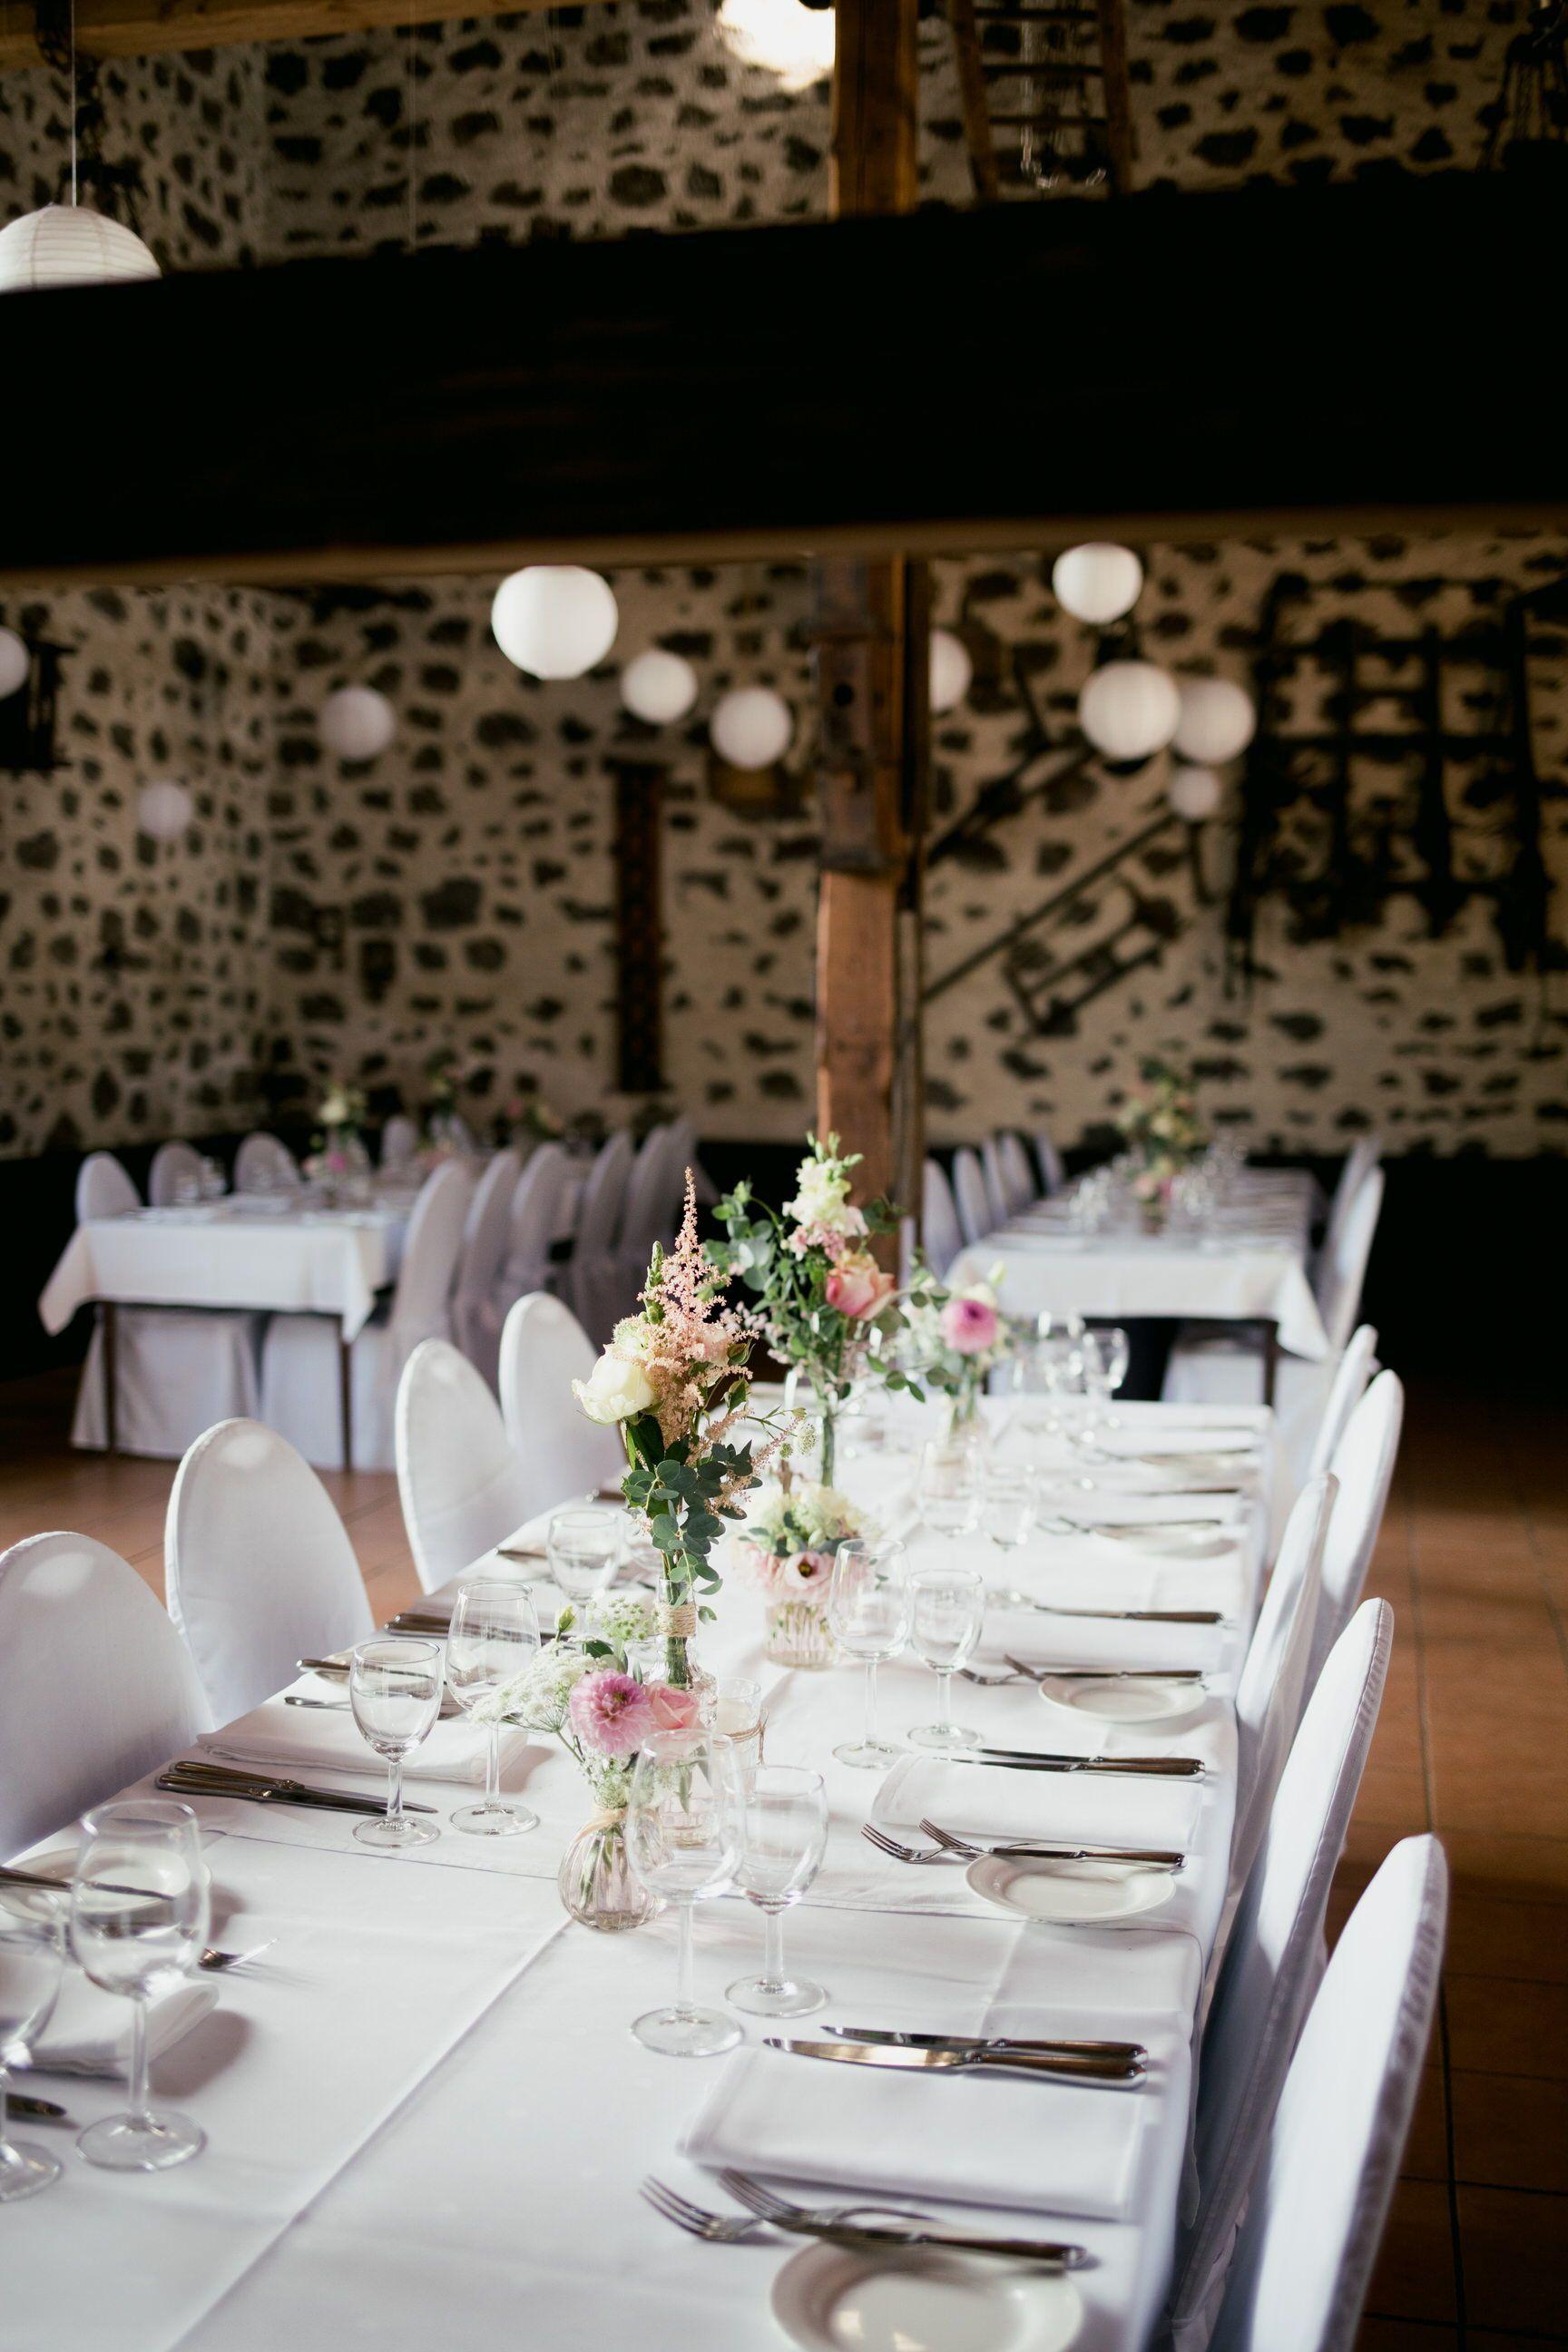 Waldorfer Hofe Hochzeitsdekoration Dekoration Tischdekoration